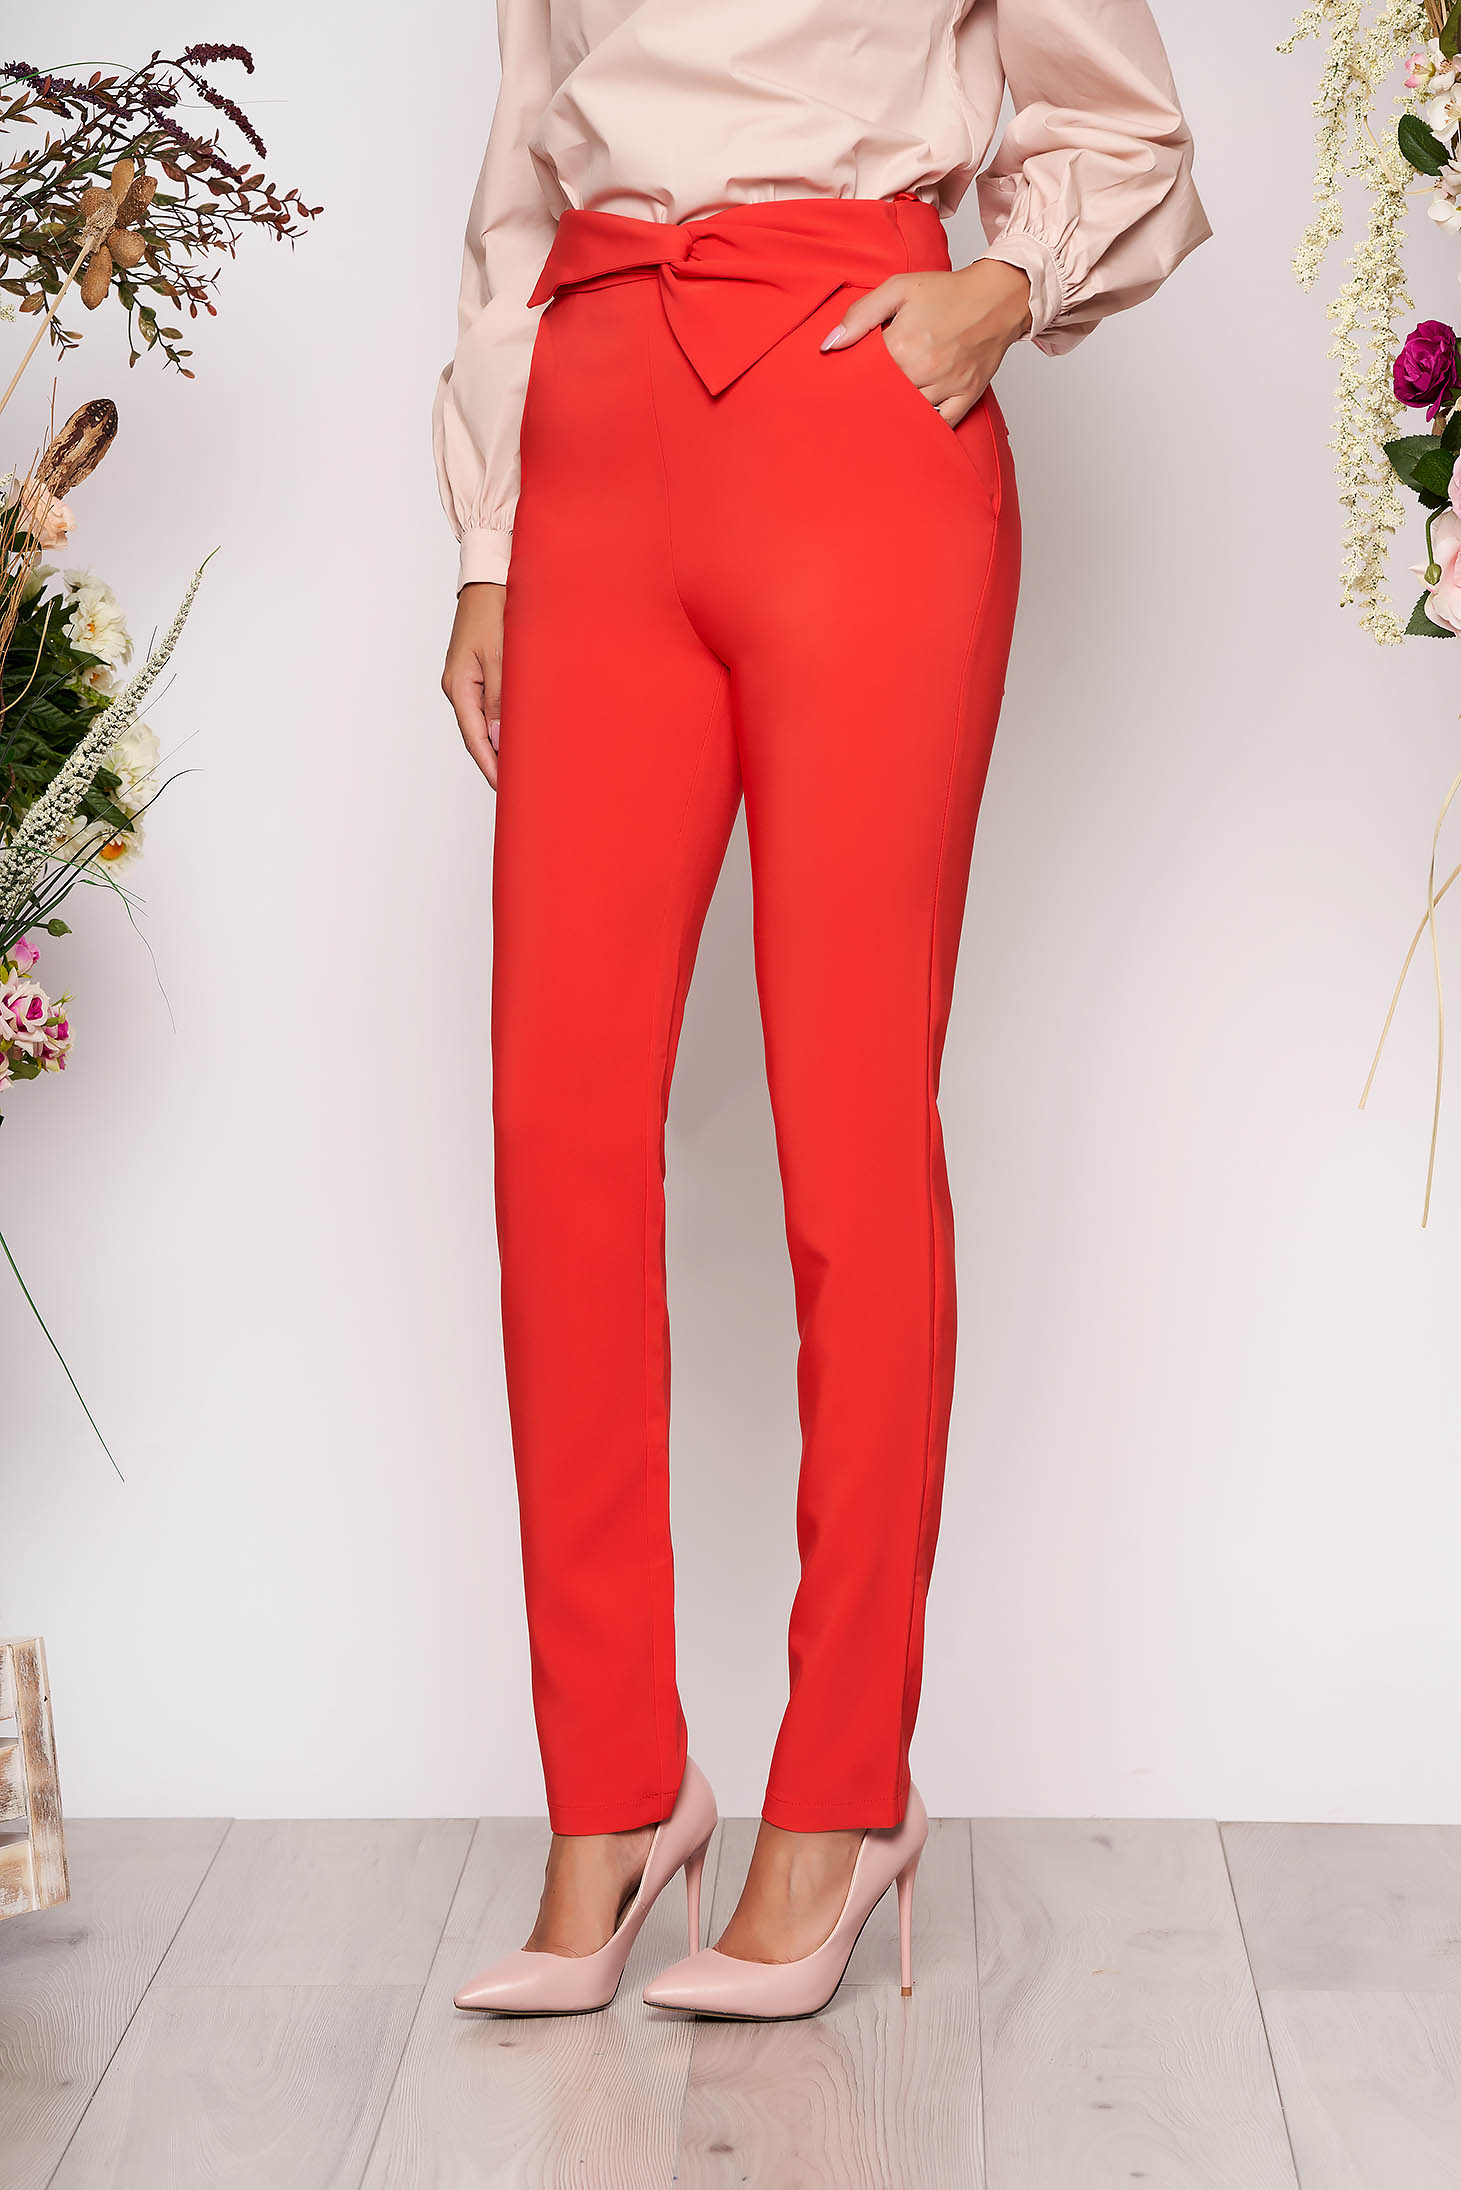 Pantaloni LaDonna corai office cu talie inalta din stofa usor elastica cu buzunare